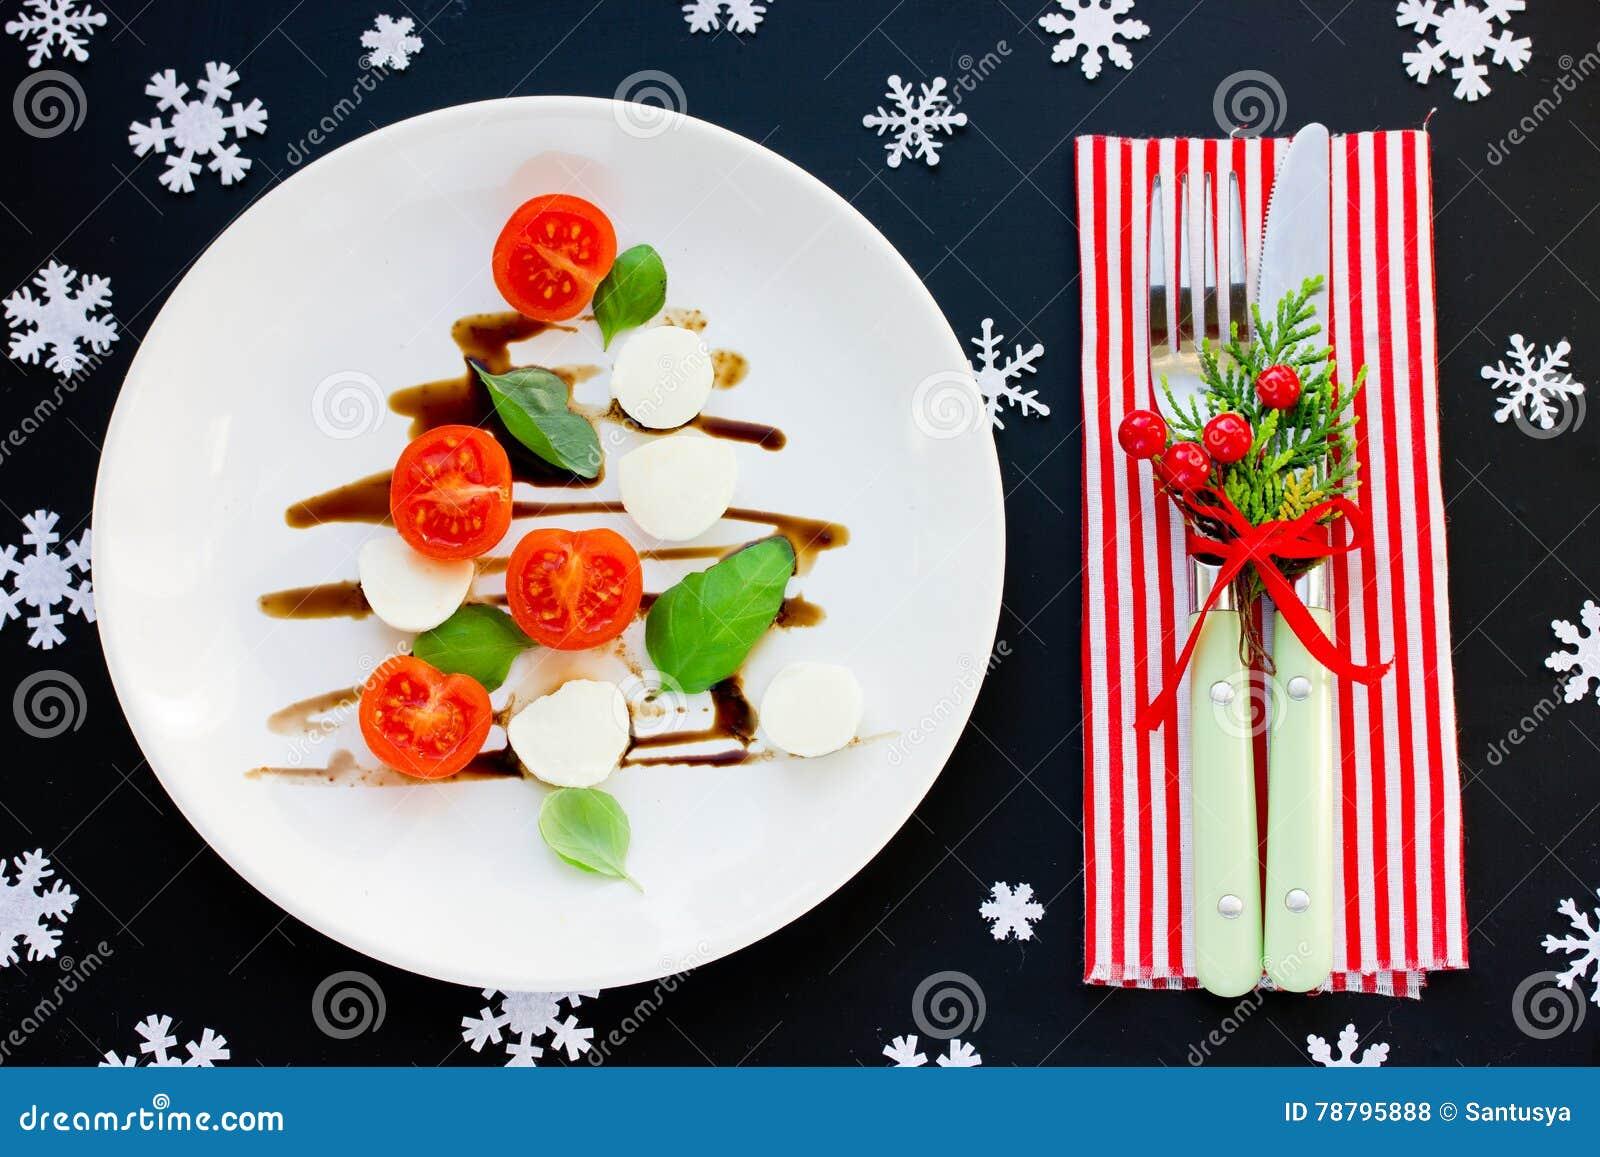 Kerstboom caprese salade feestelijk voorgerecht kerstmislijst